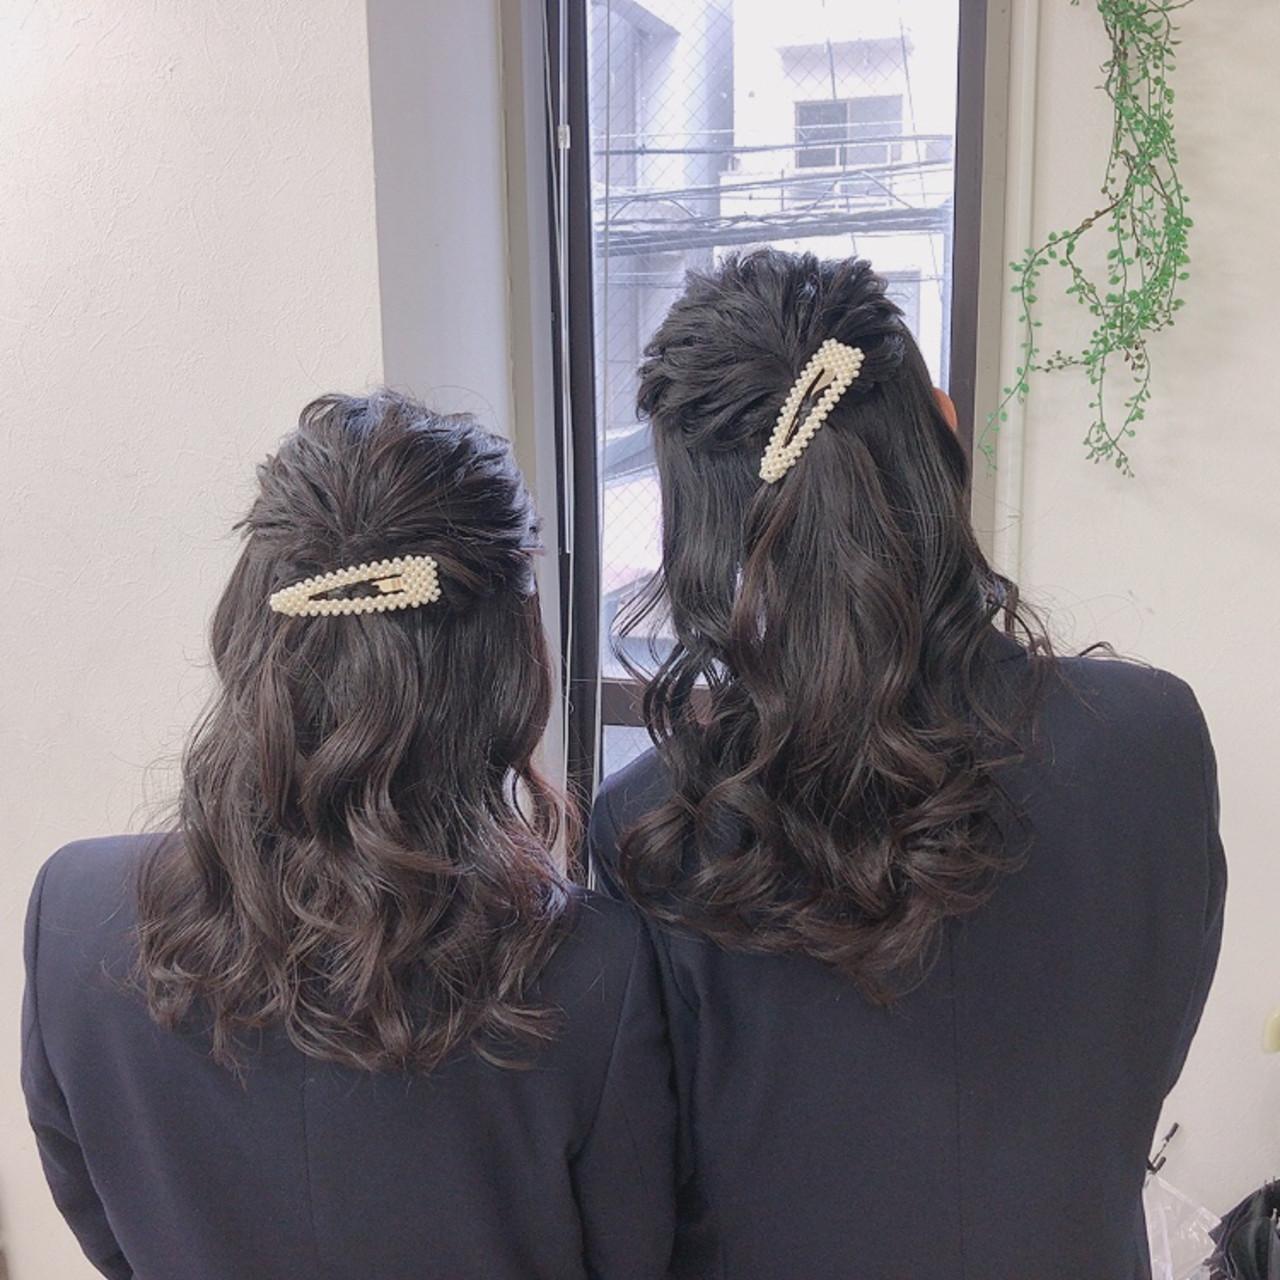 ゆるふわセット ヘアアレンジ ロング ハーフアップ ヘアスタイルや髪型の写真・画像